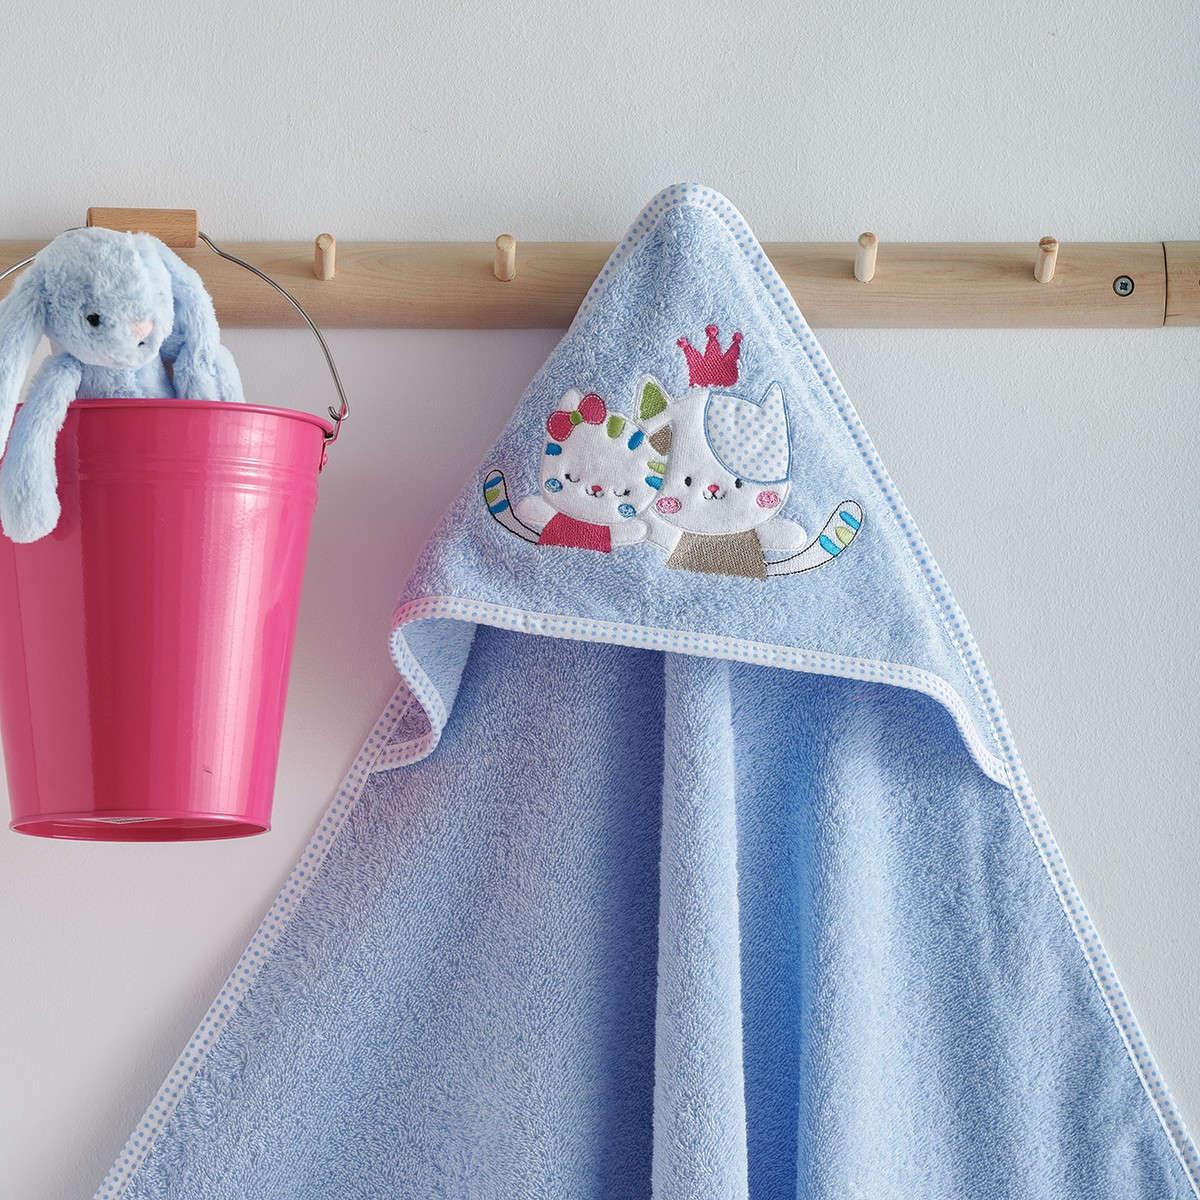 Κάπα Βεφική Με Κέντημα Gattino Blue Sb Home 0-2 ετών One Size